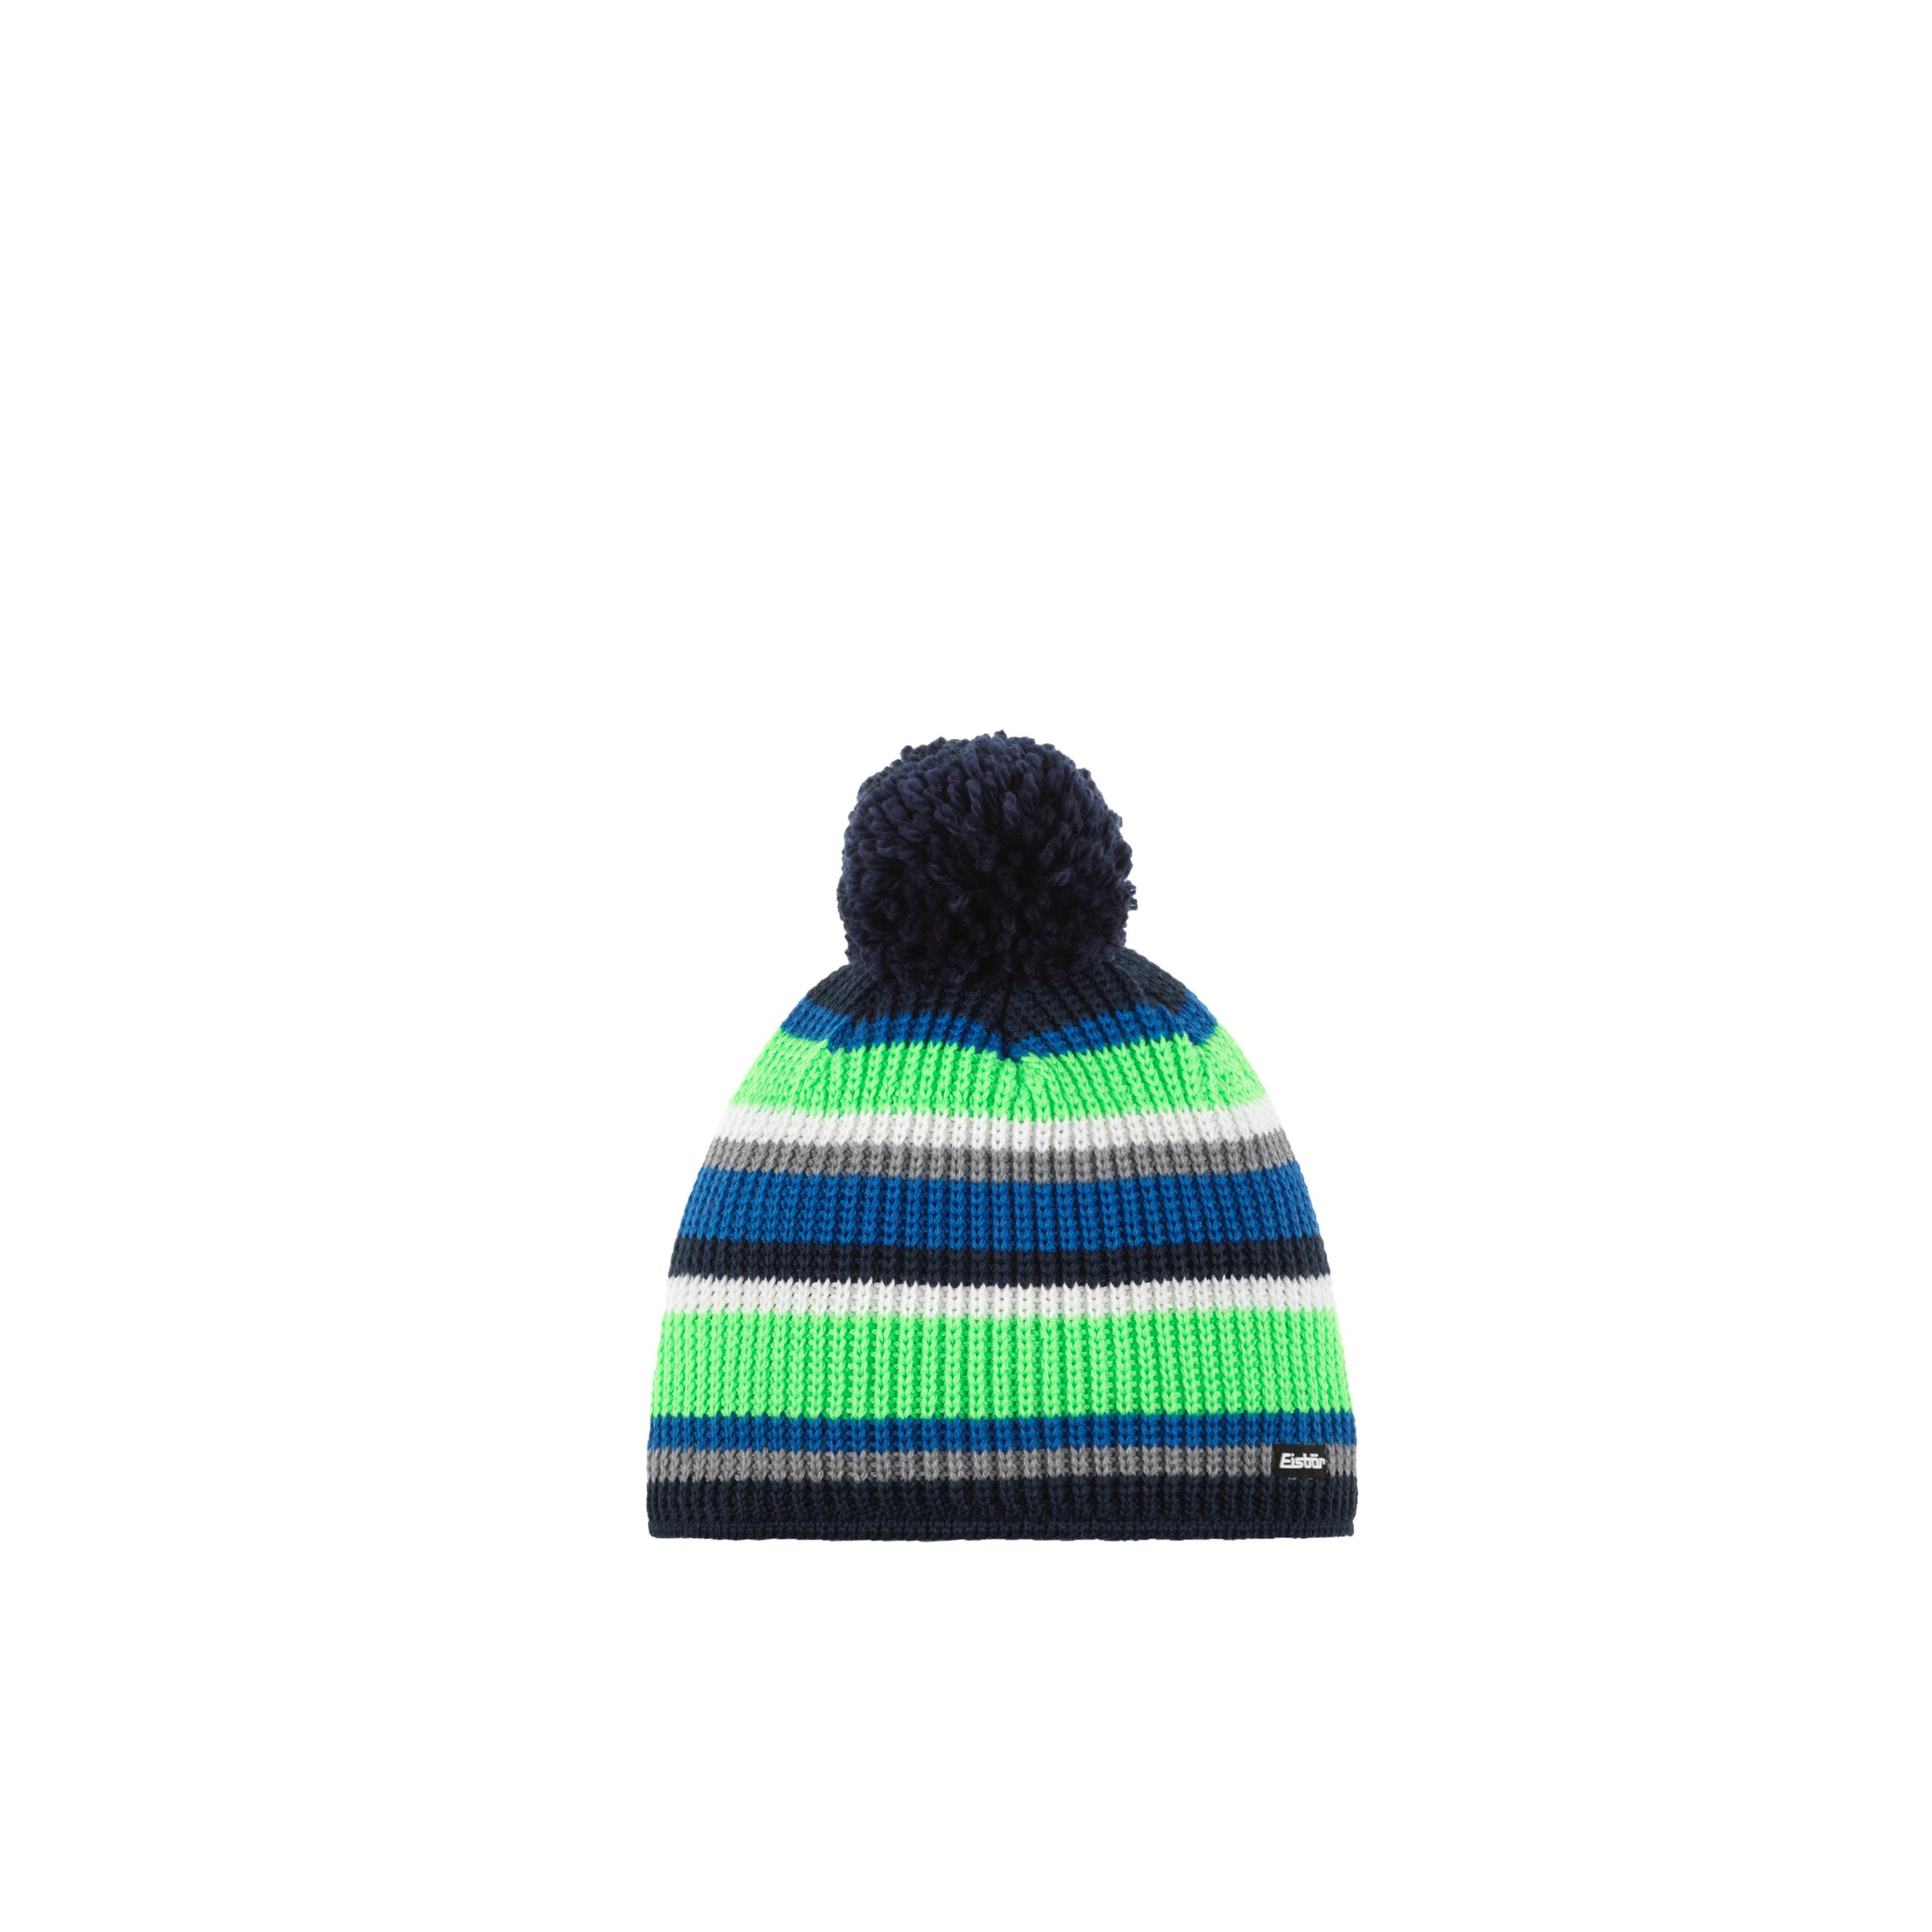 Eisbär Clip Pompon Mütze - blau/grün